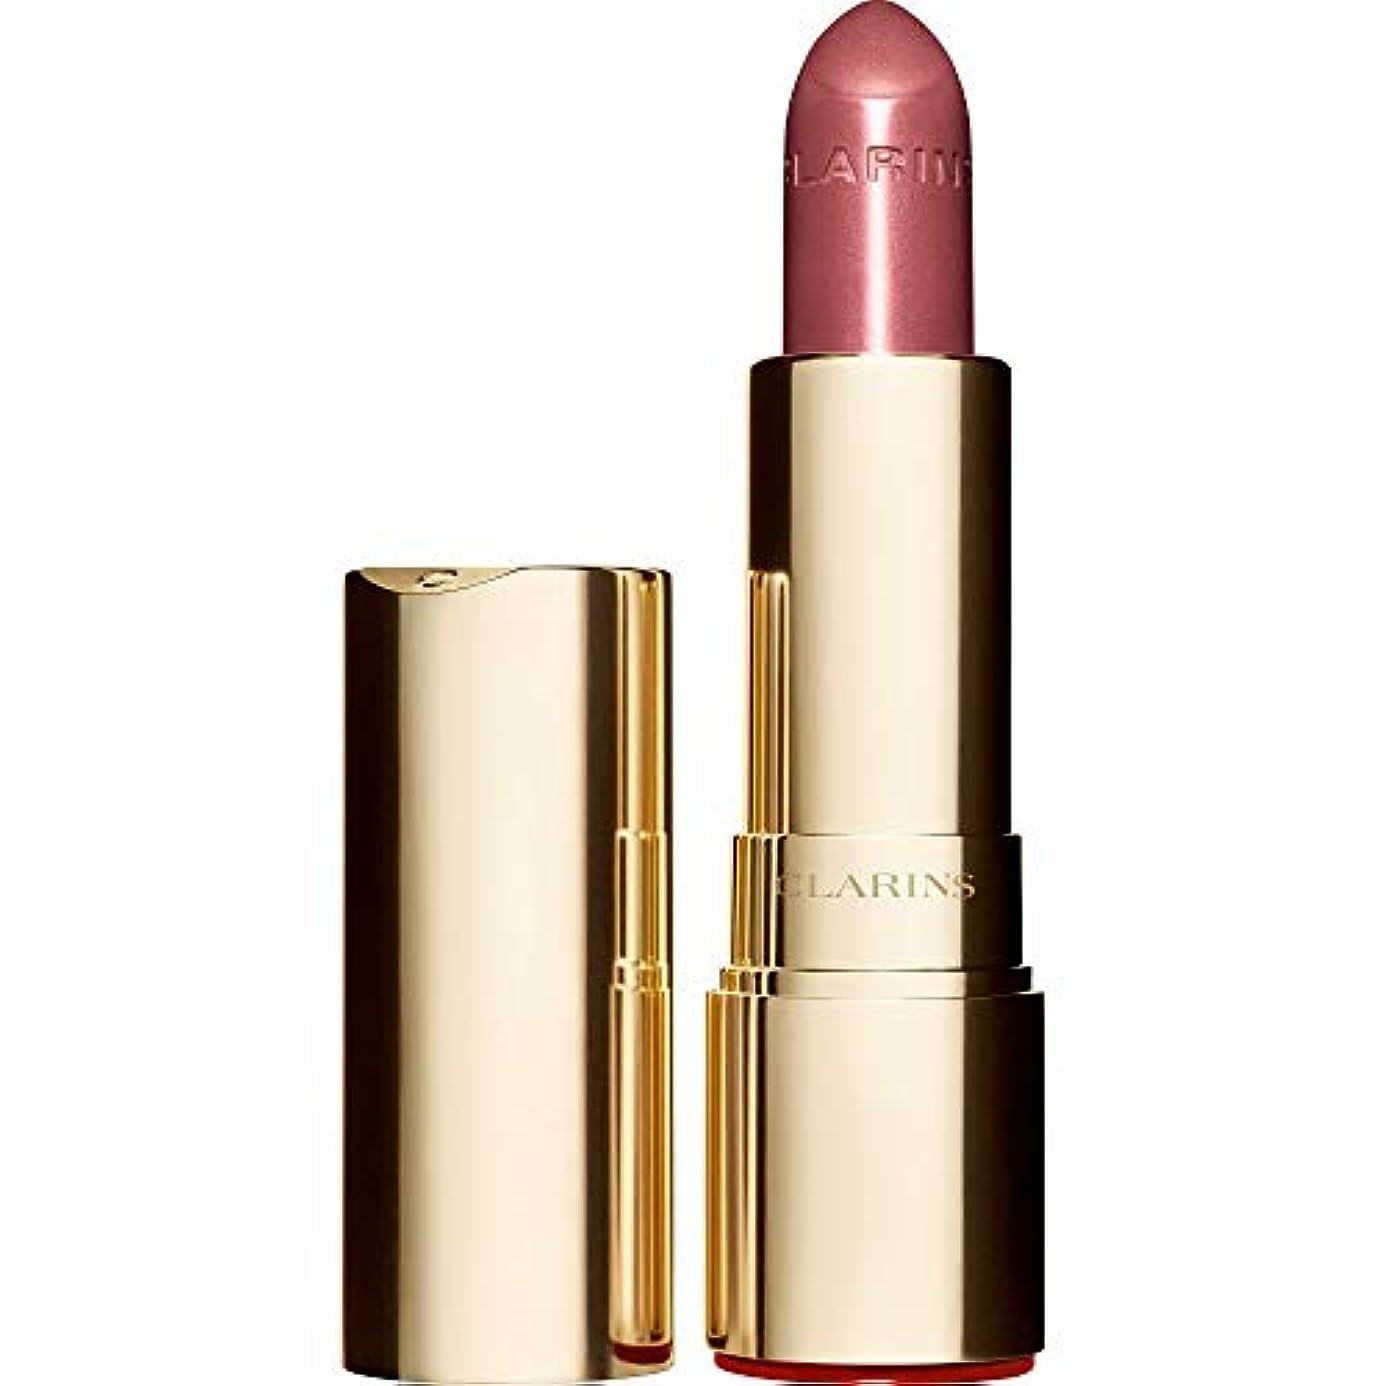 急流ステンレス蛇行[Clarins ] クラランスジョリルージュブリリアント口紅3.5グラムの731Sは、 - ベリーローズ - Clarins Joli Rouge Brillant Lipstick 3.5g 731S - Rose...